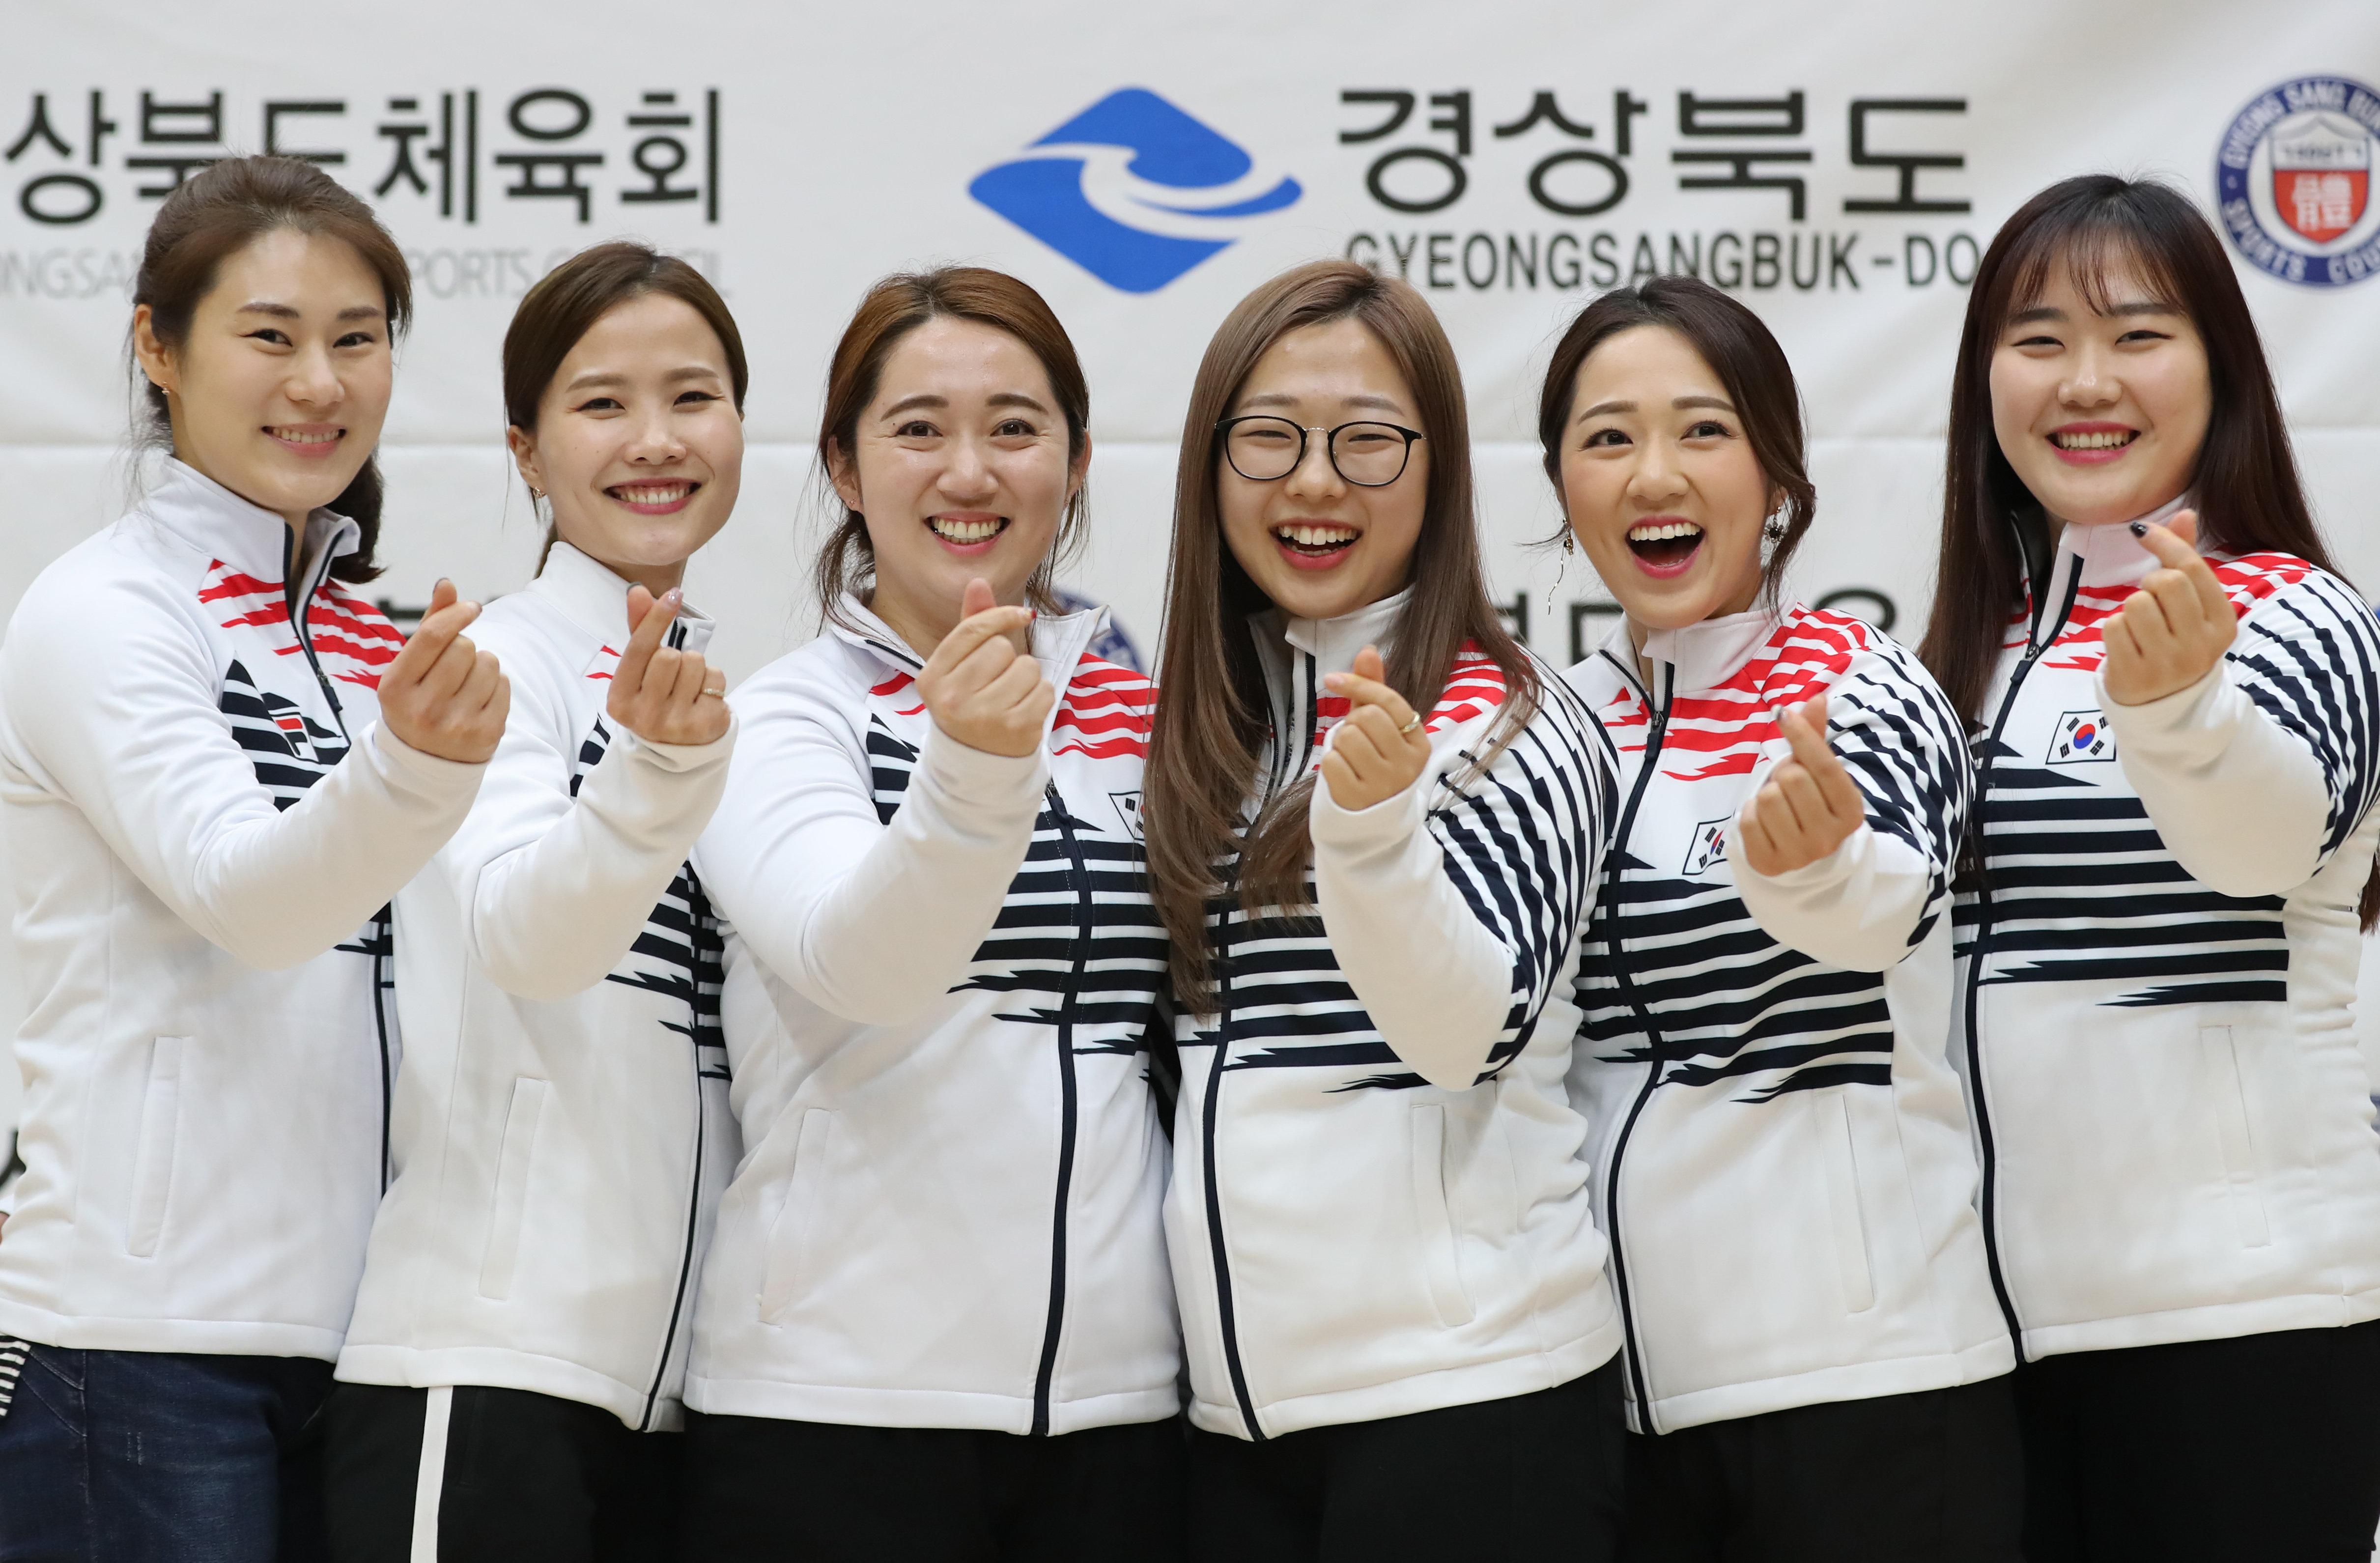 여자 컬링 대표팀은 '프로야구 시구 제안'이 꿈만 같다